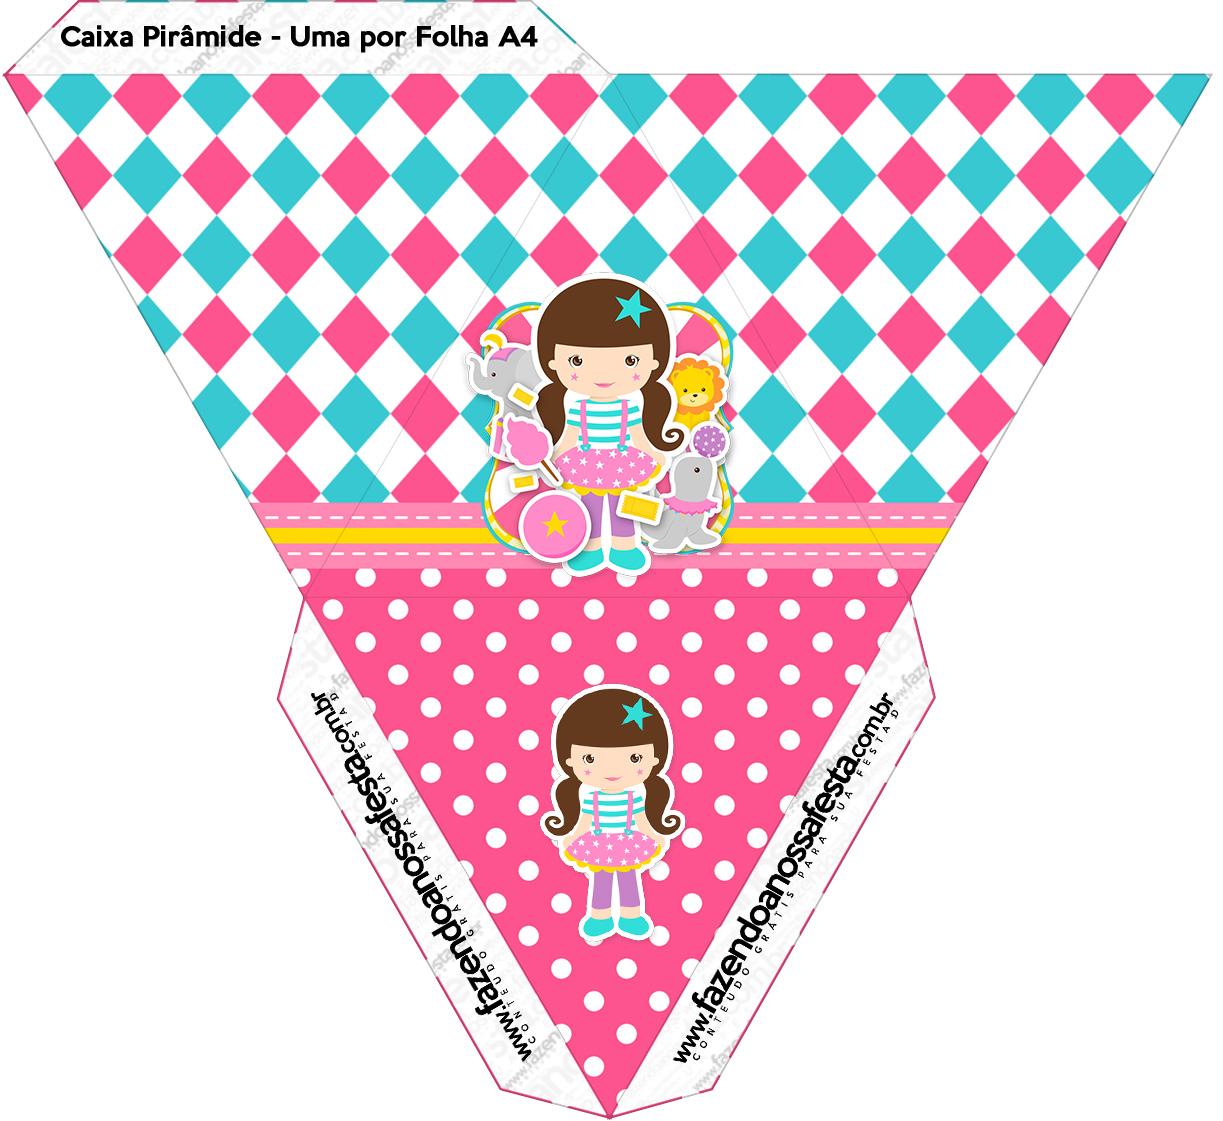 Caixa Piramide Circo Menina